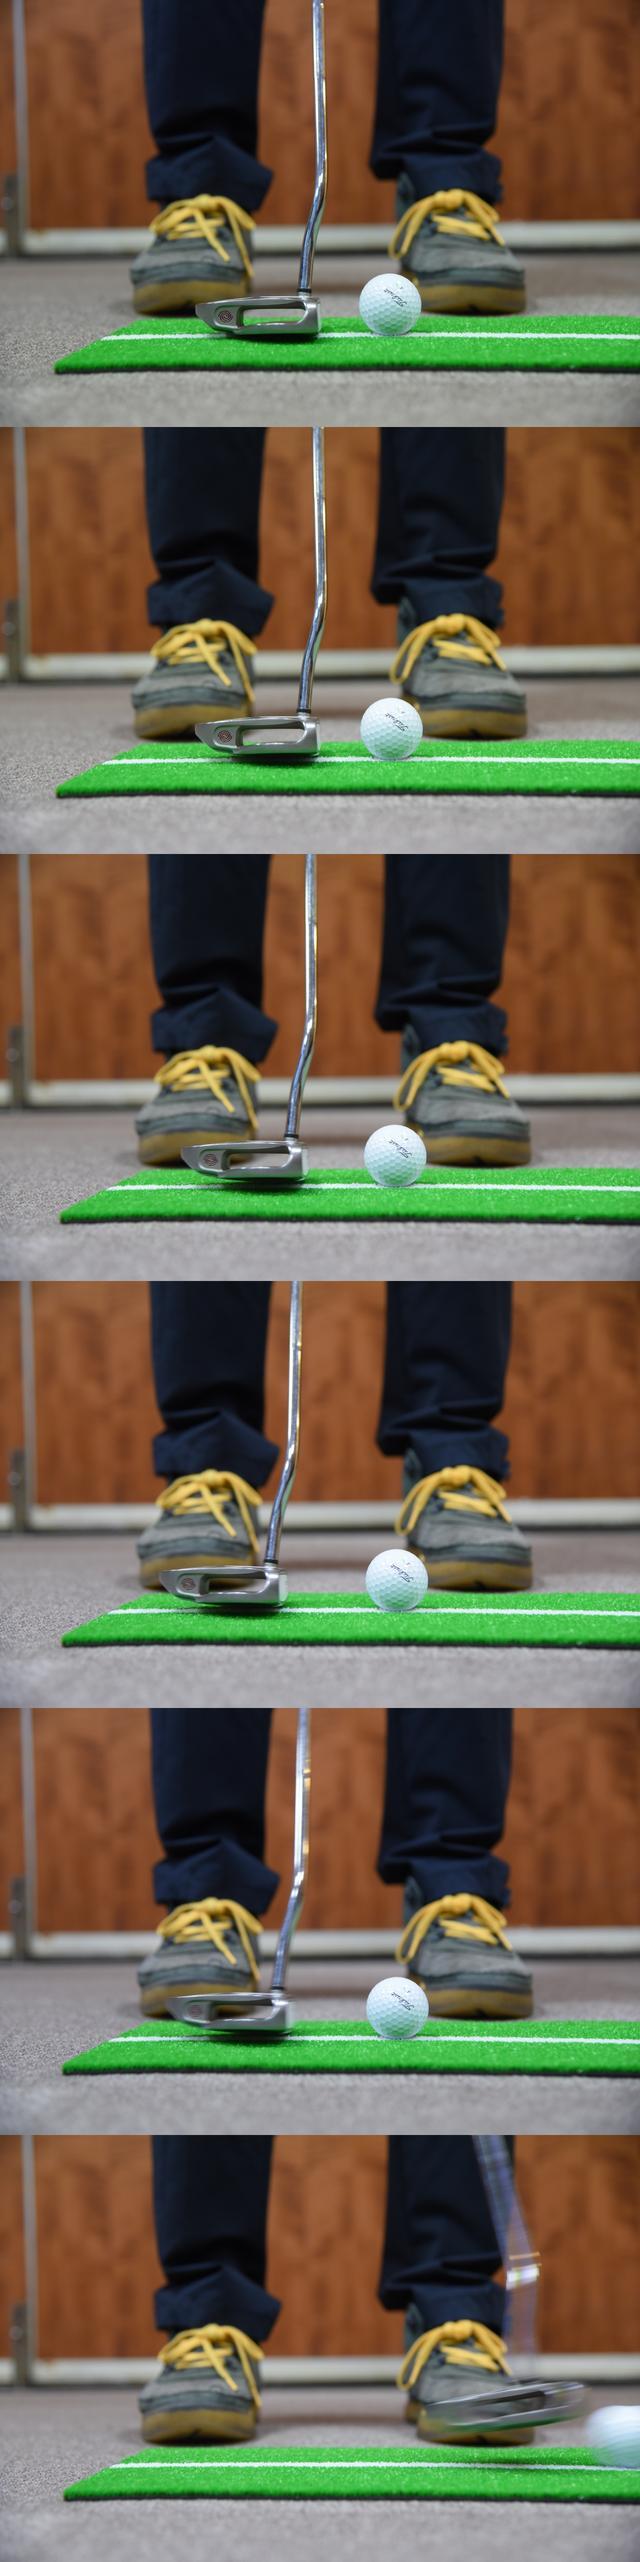 画像: テークバックはわずか1センチ! それでもしっかりと加速したインパクトを迎えられる